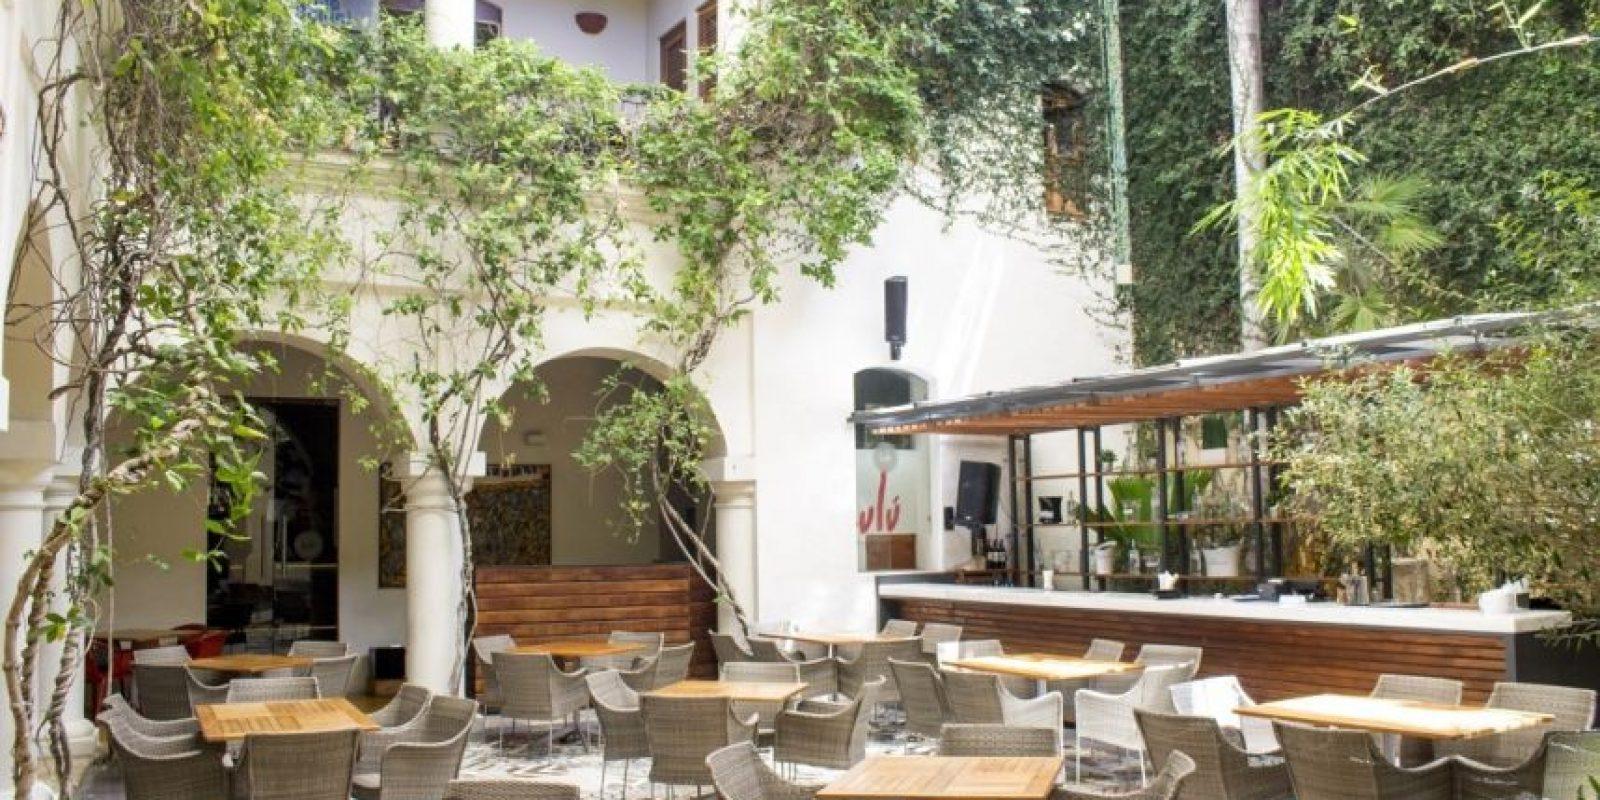 Lulú Restaurante, lo mejor de la ciudad colonial. Foto:Fuente externa